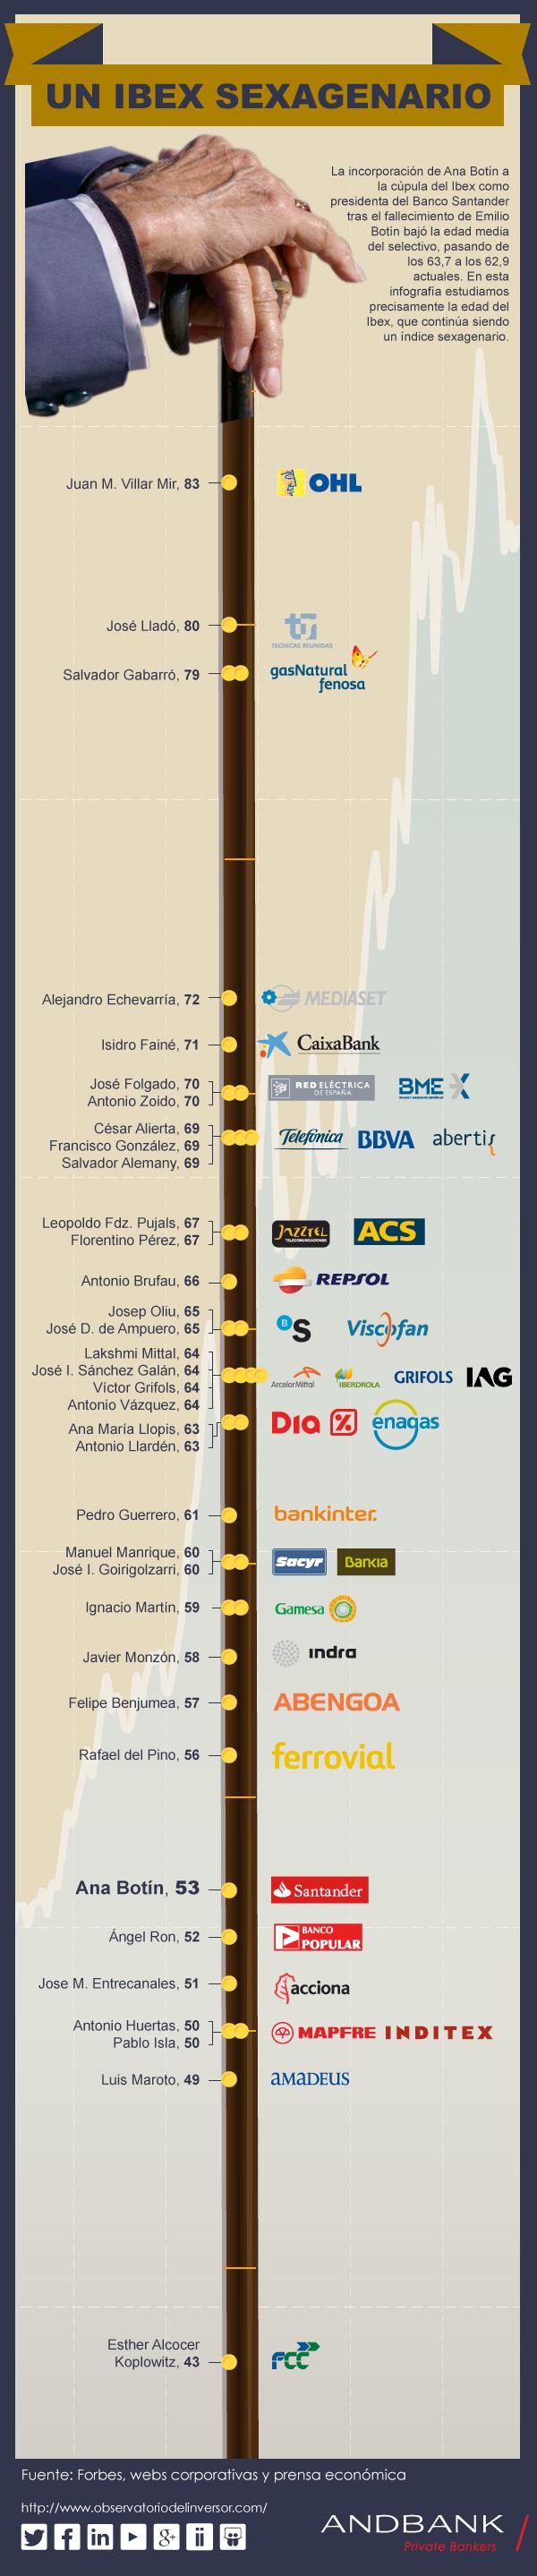 Las edades de los CEO del IBEX 35